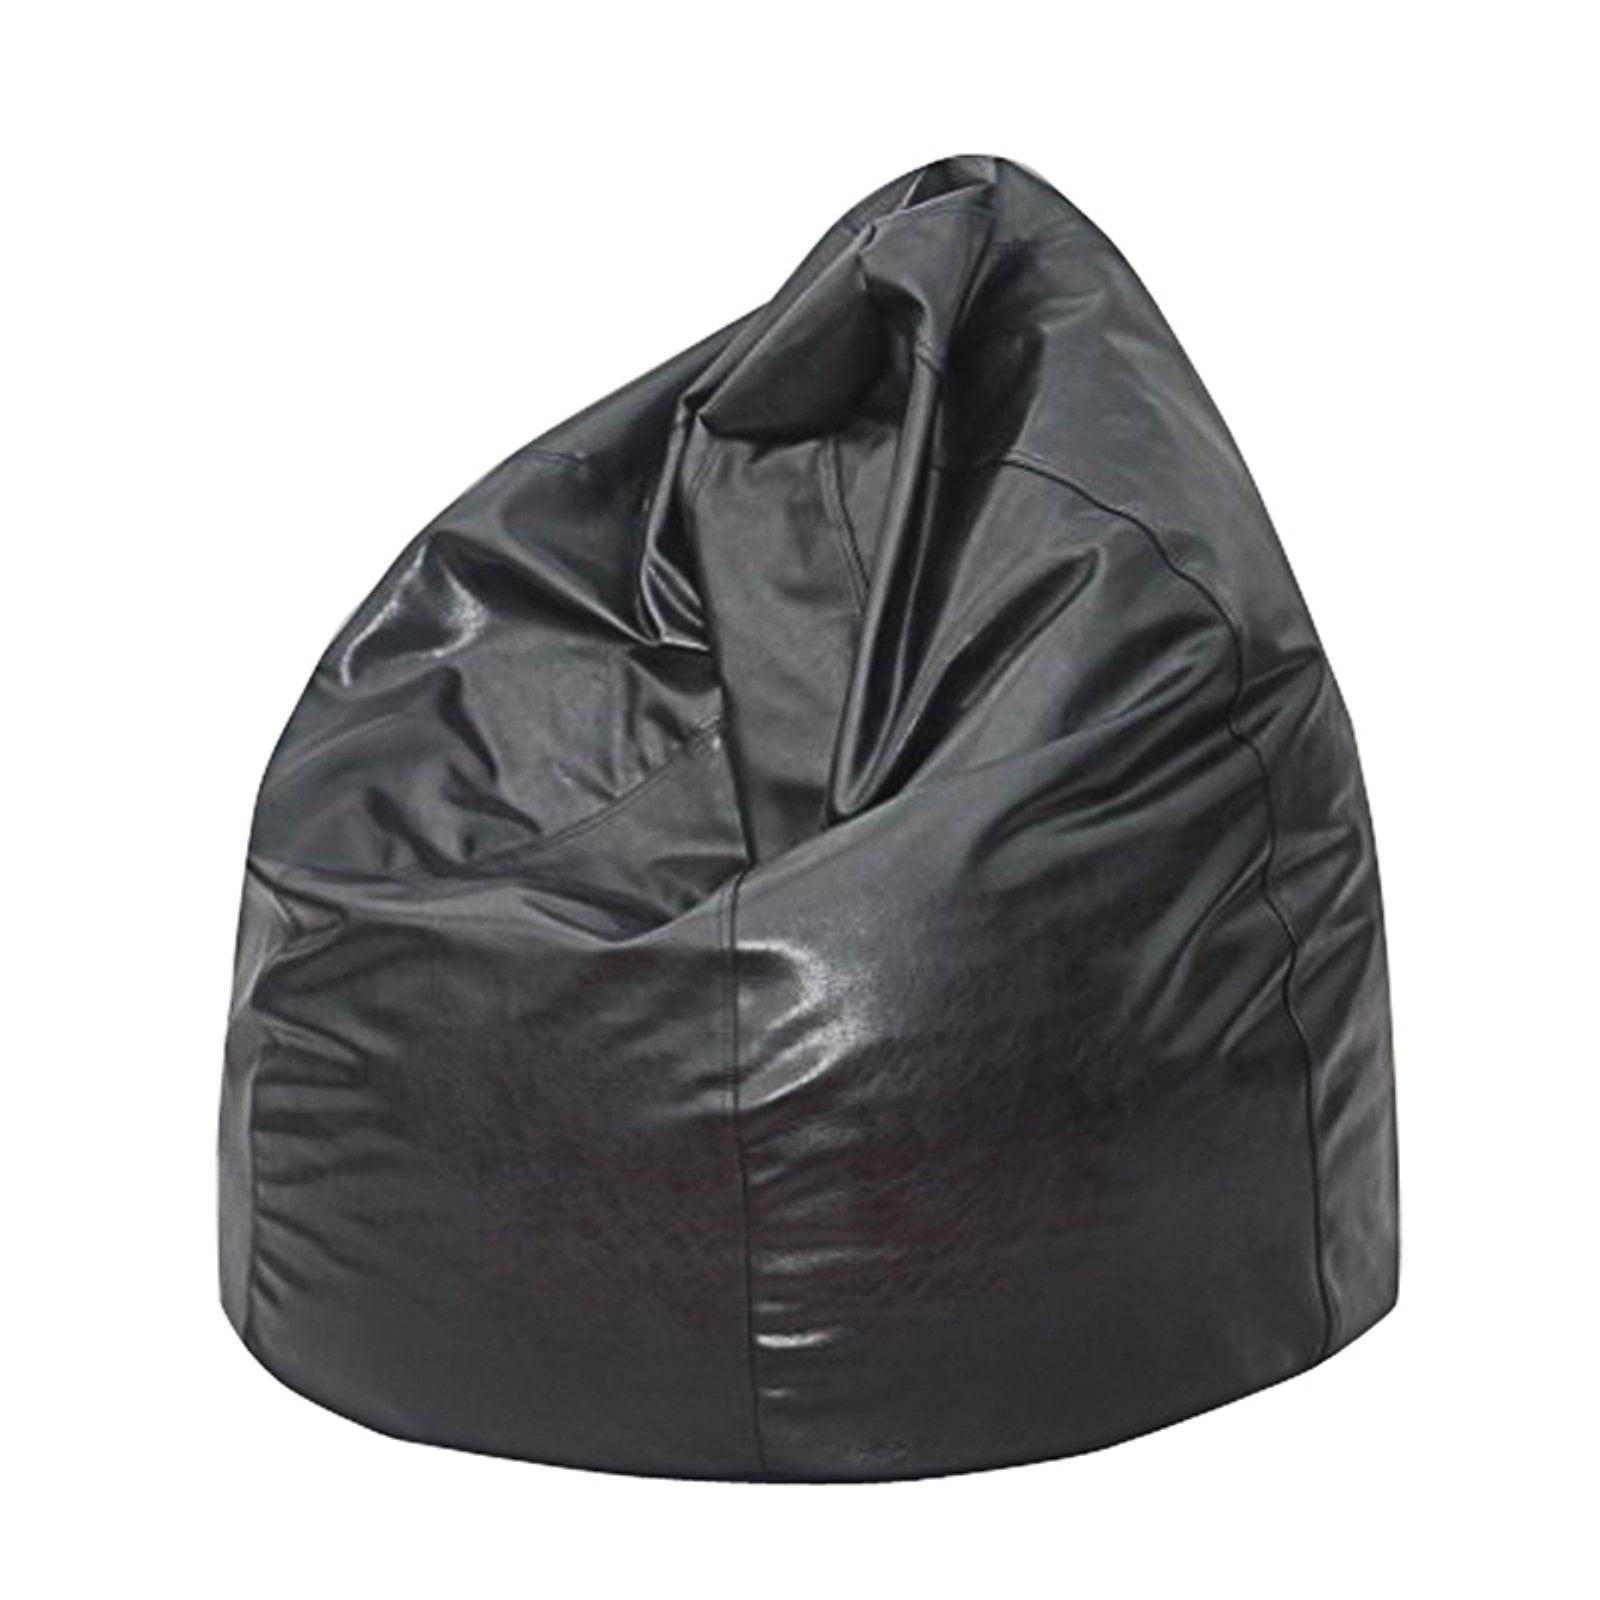 Modern Bean Bag The Pear Medium Bean Bag Chair